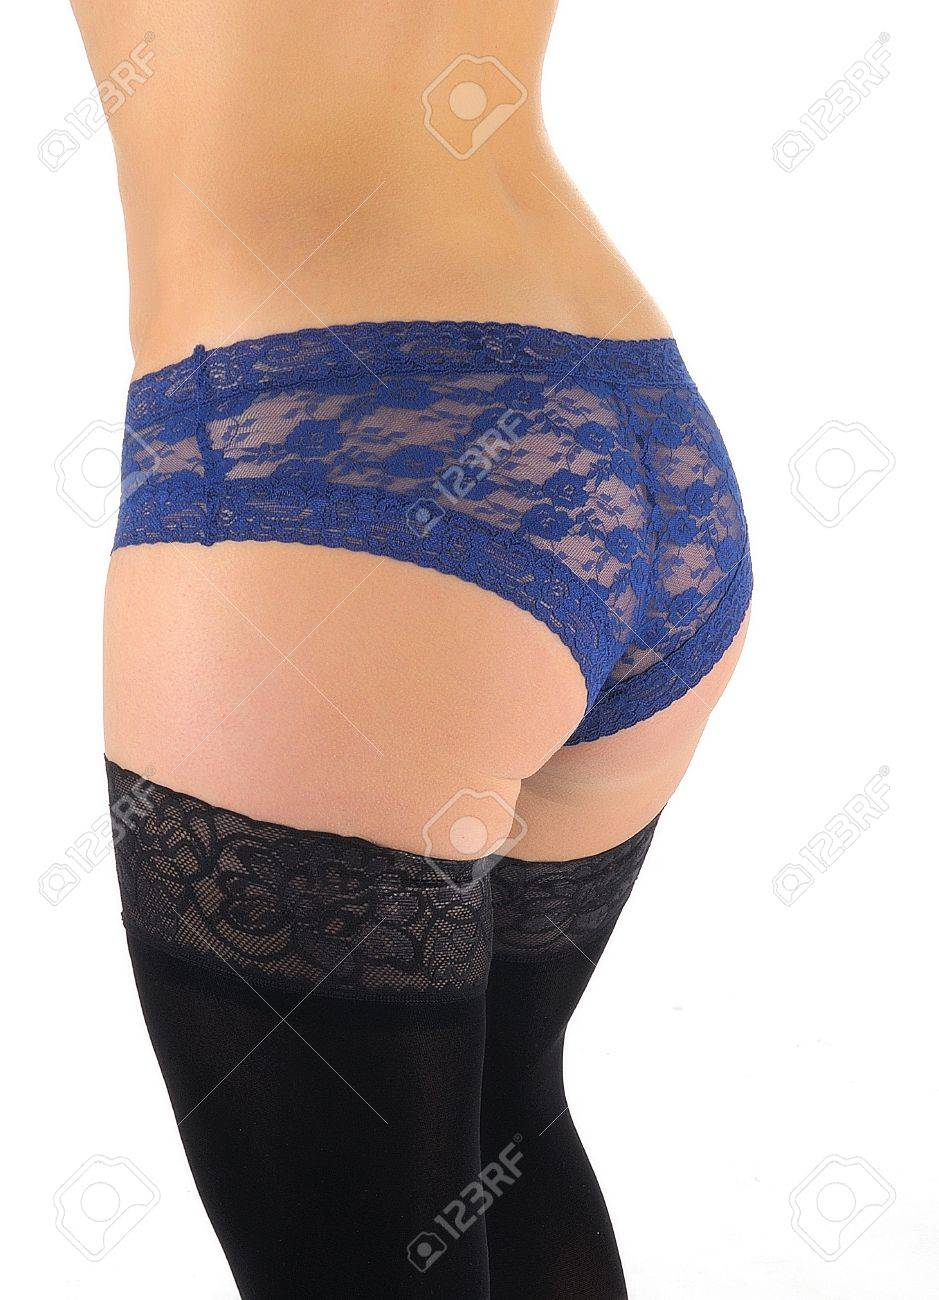 Arsch bilder sexy Sexy Pictures